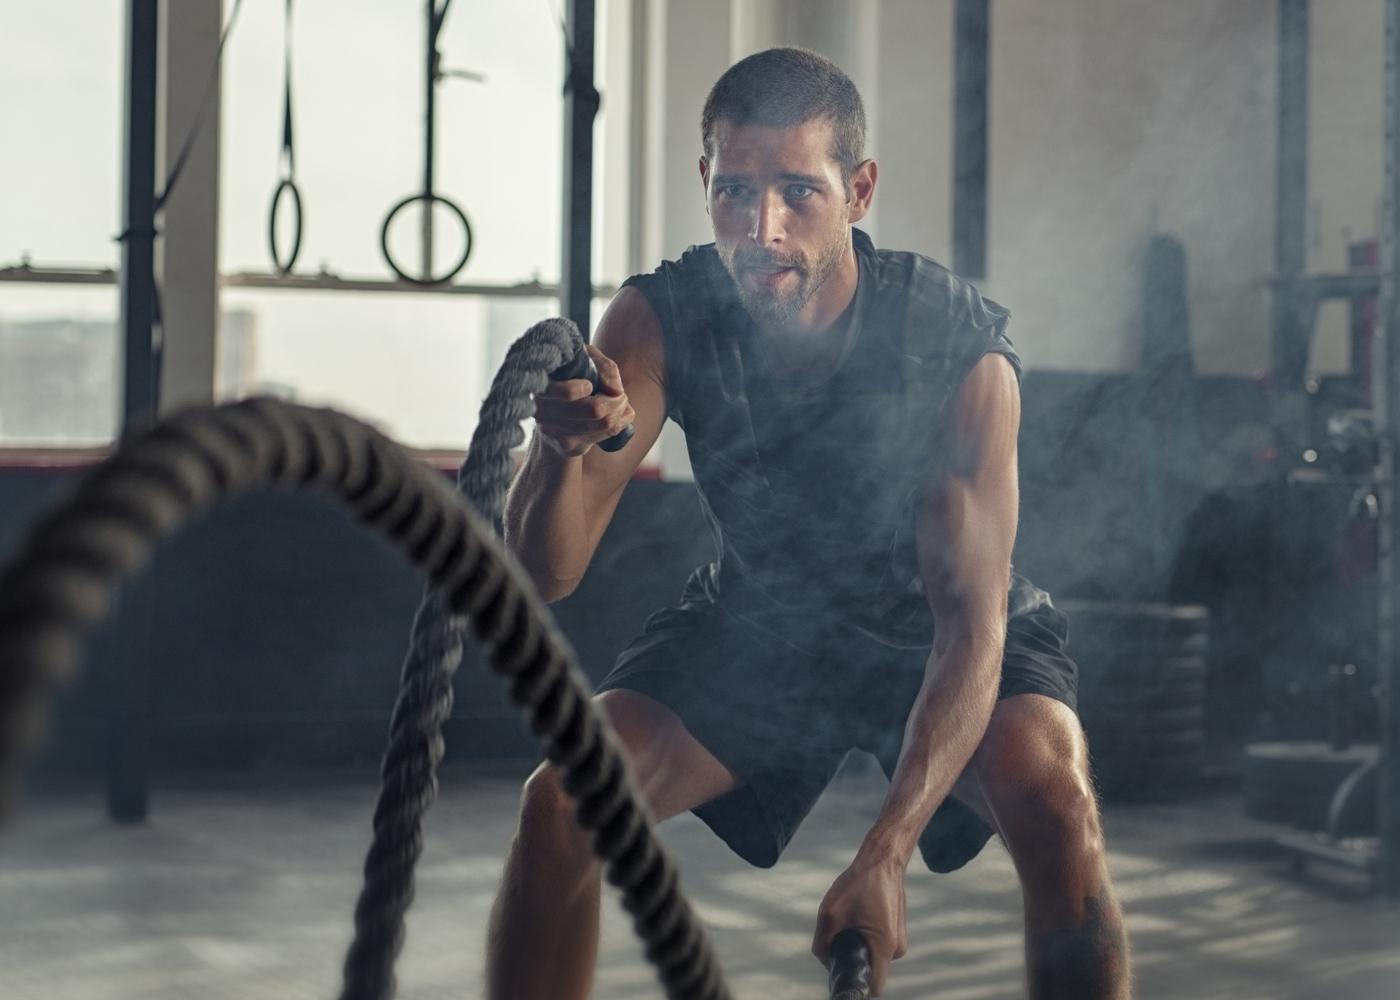 Homem a treinar no ginásio